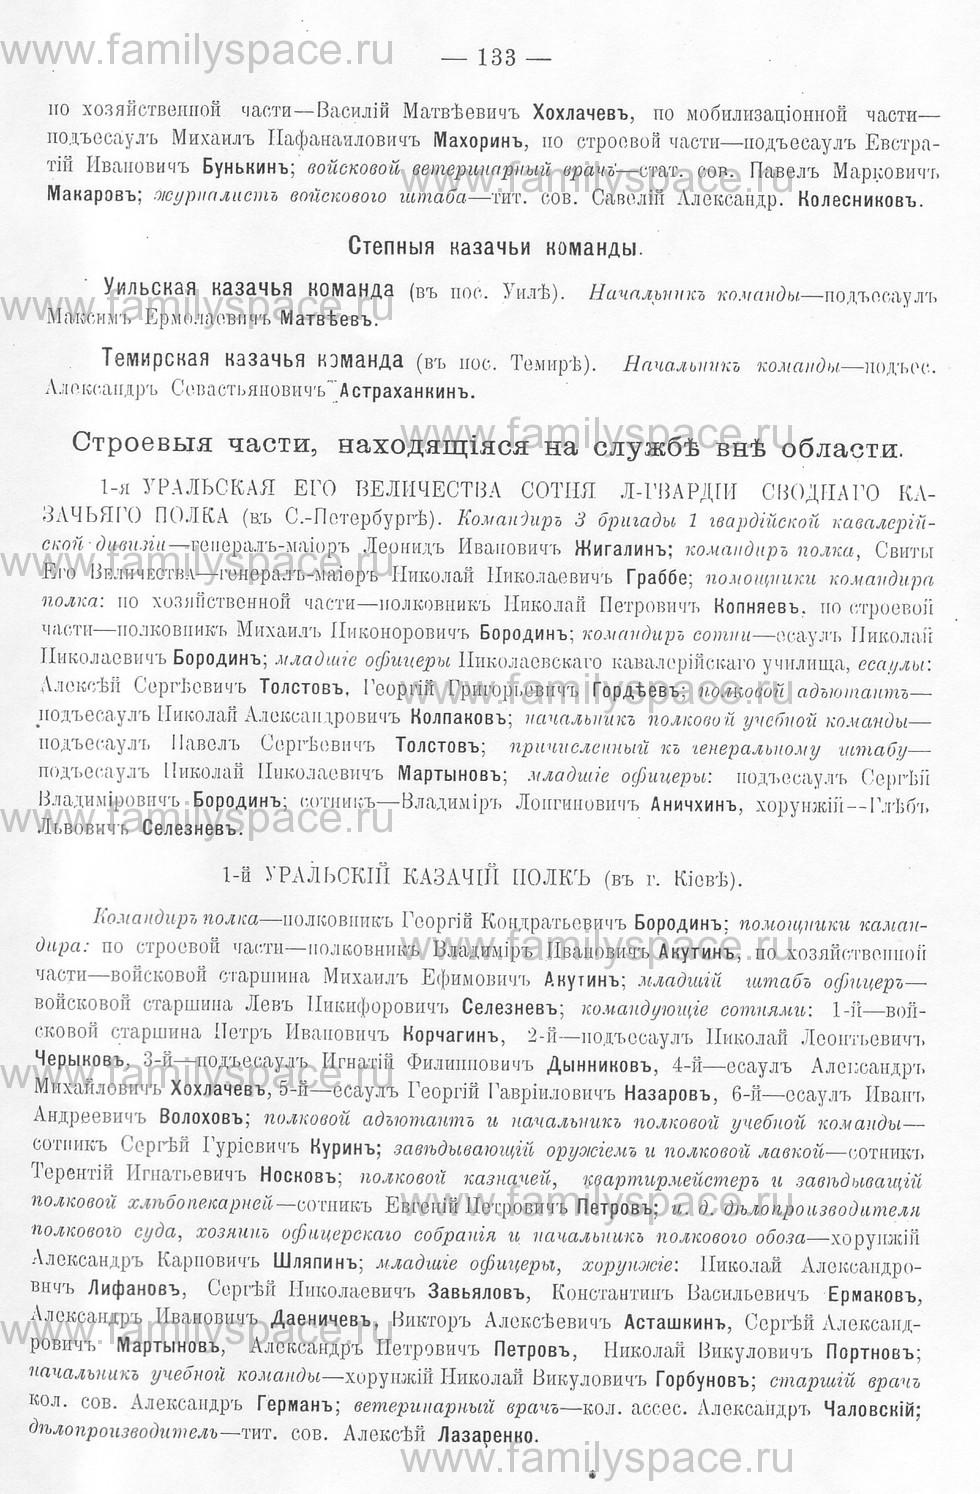 Поиск по фамилии - Памятная книжка Уральской области на 1913 год, страница 133